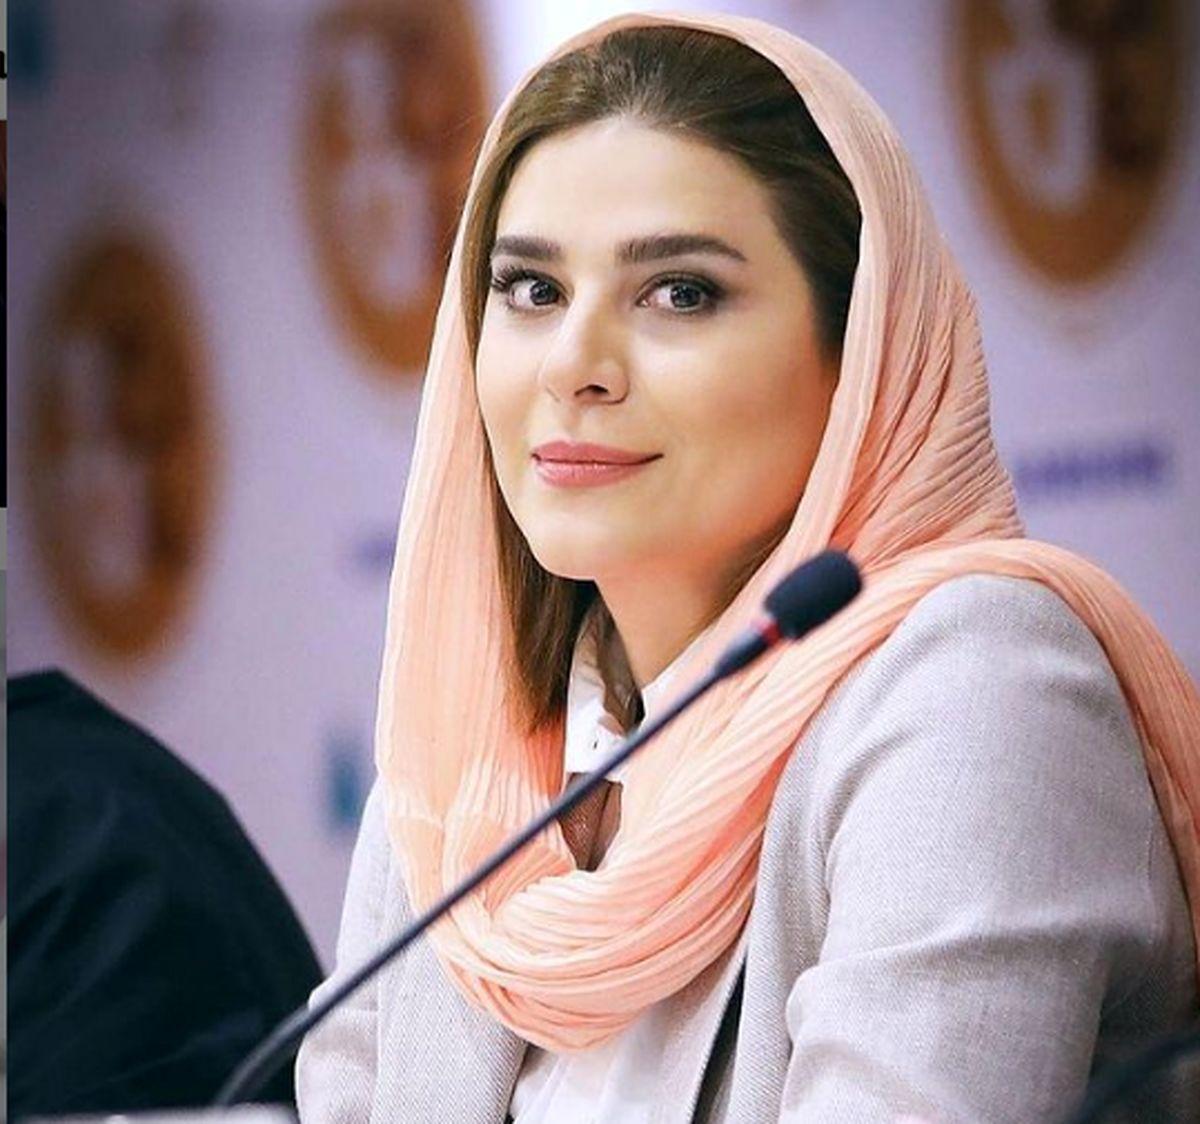 حامد بهداد به سحر دولتشاهی در سریال می خواهم زنده بمانم: شرف برای تو قصه است!